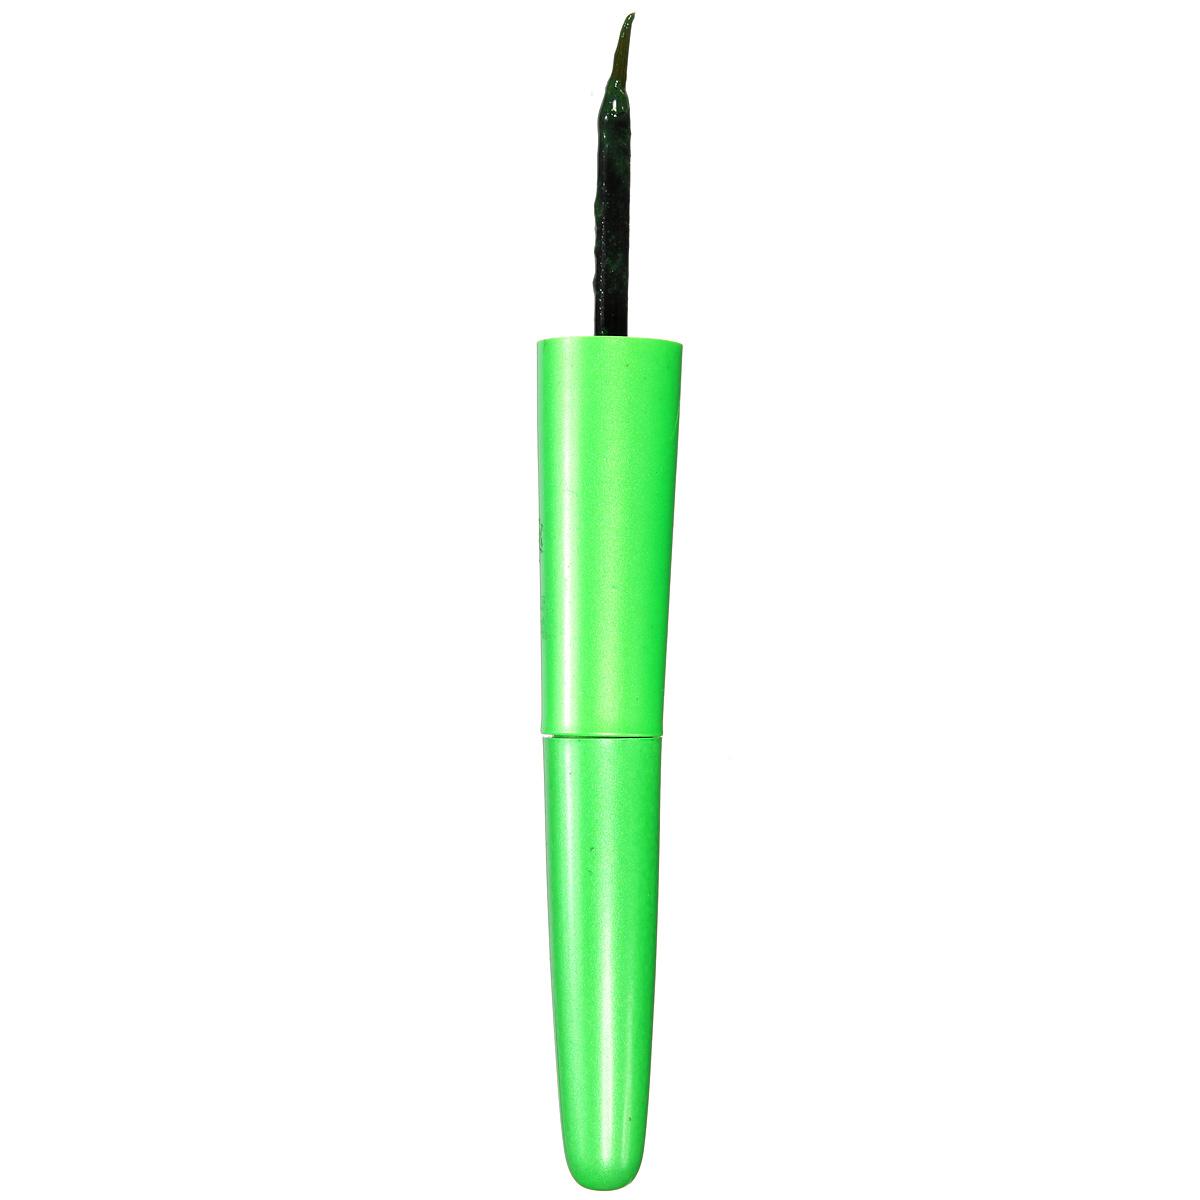 الساحرة طويلة الأمد الاستخدام المزدوج الملونة كحل العين اينر القلم السائل ماكياج